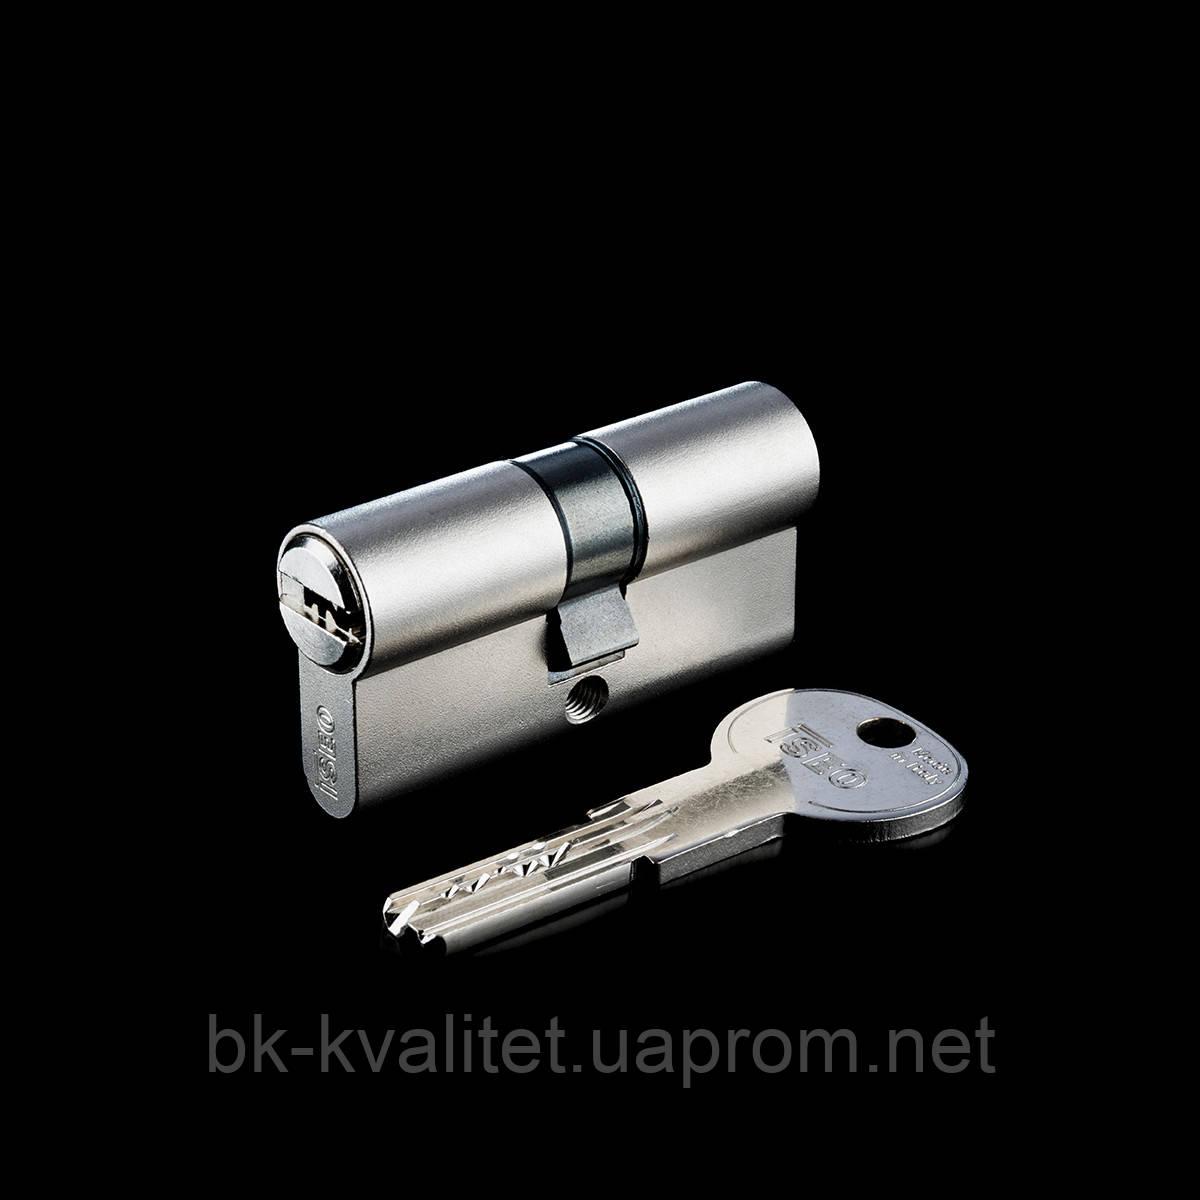 Цилиндр ISEO R7 70 (30х40) ключ/ключ, никель